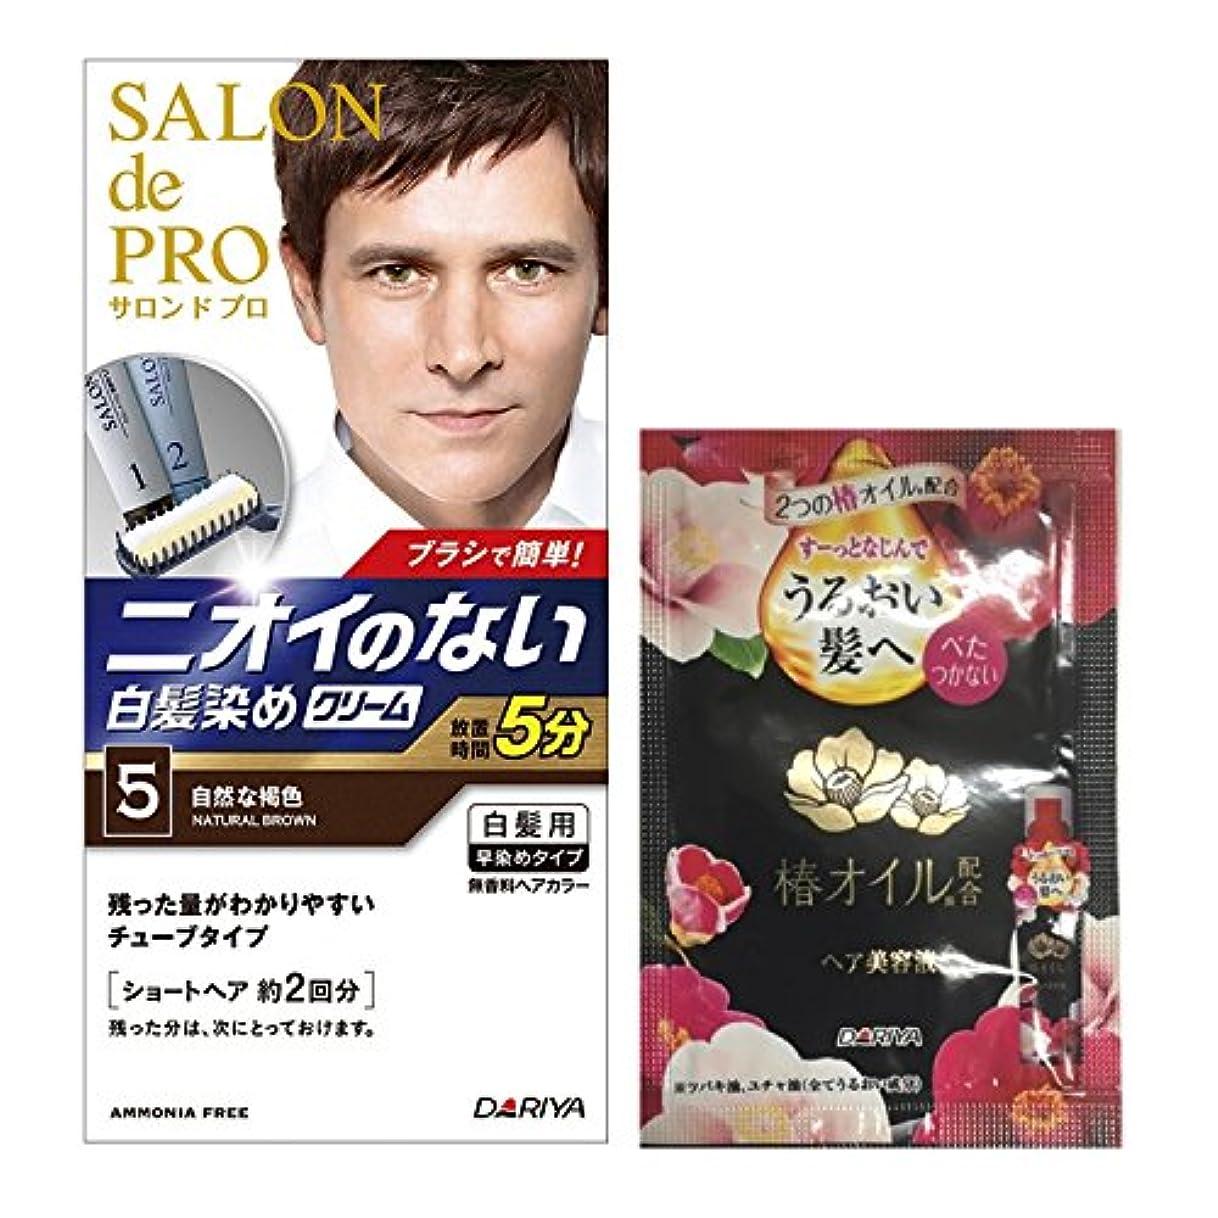 【サンプル付き】サロンドプロ無香料ヘアクリーム早染めメンズクリーム5椿美容液景品付